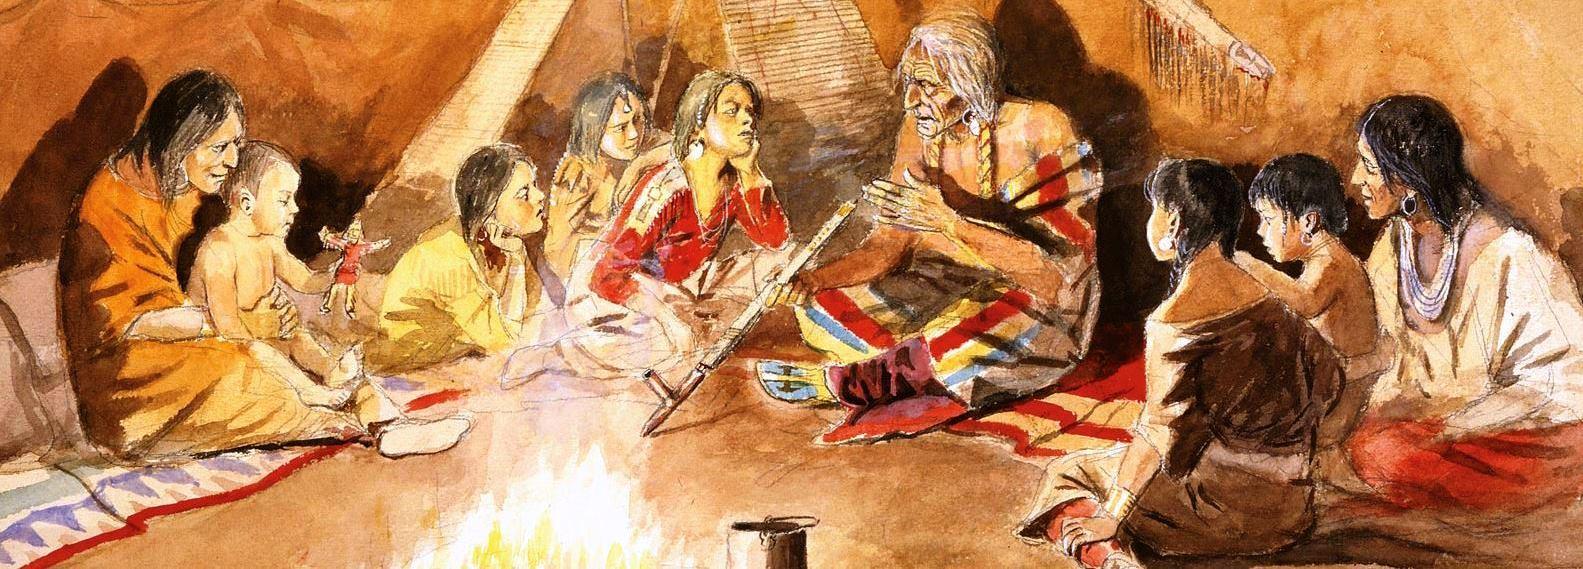 De 3 Beste Sites voor Indianenverhalen